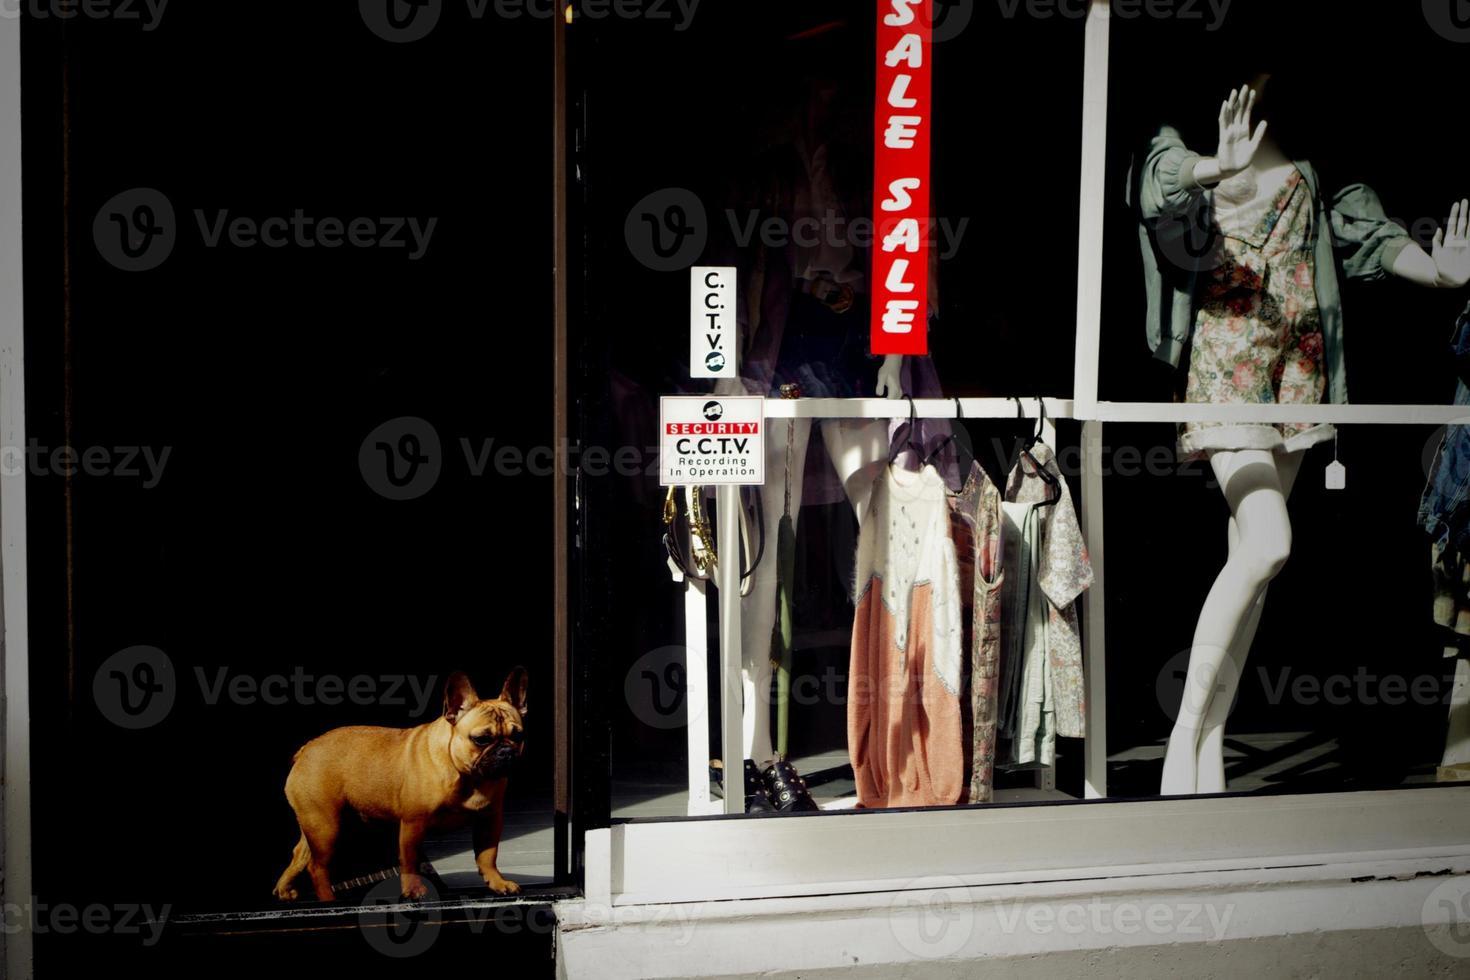 hond bij de winkelingang foto